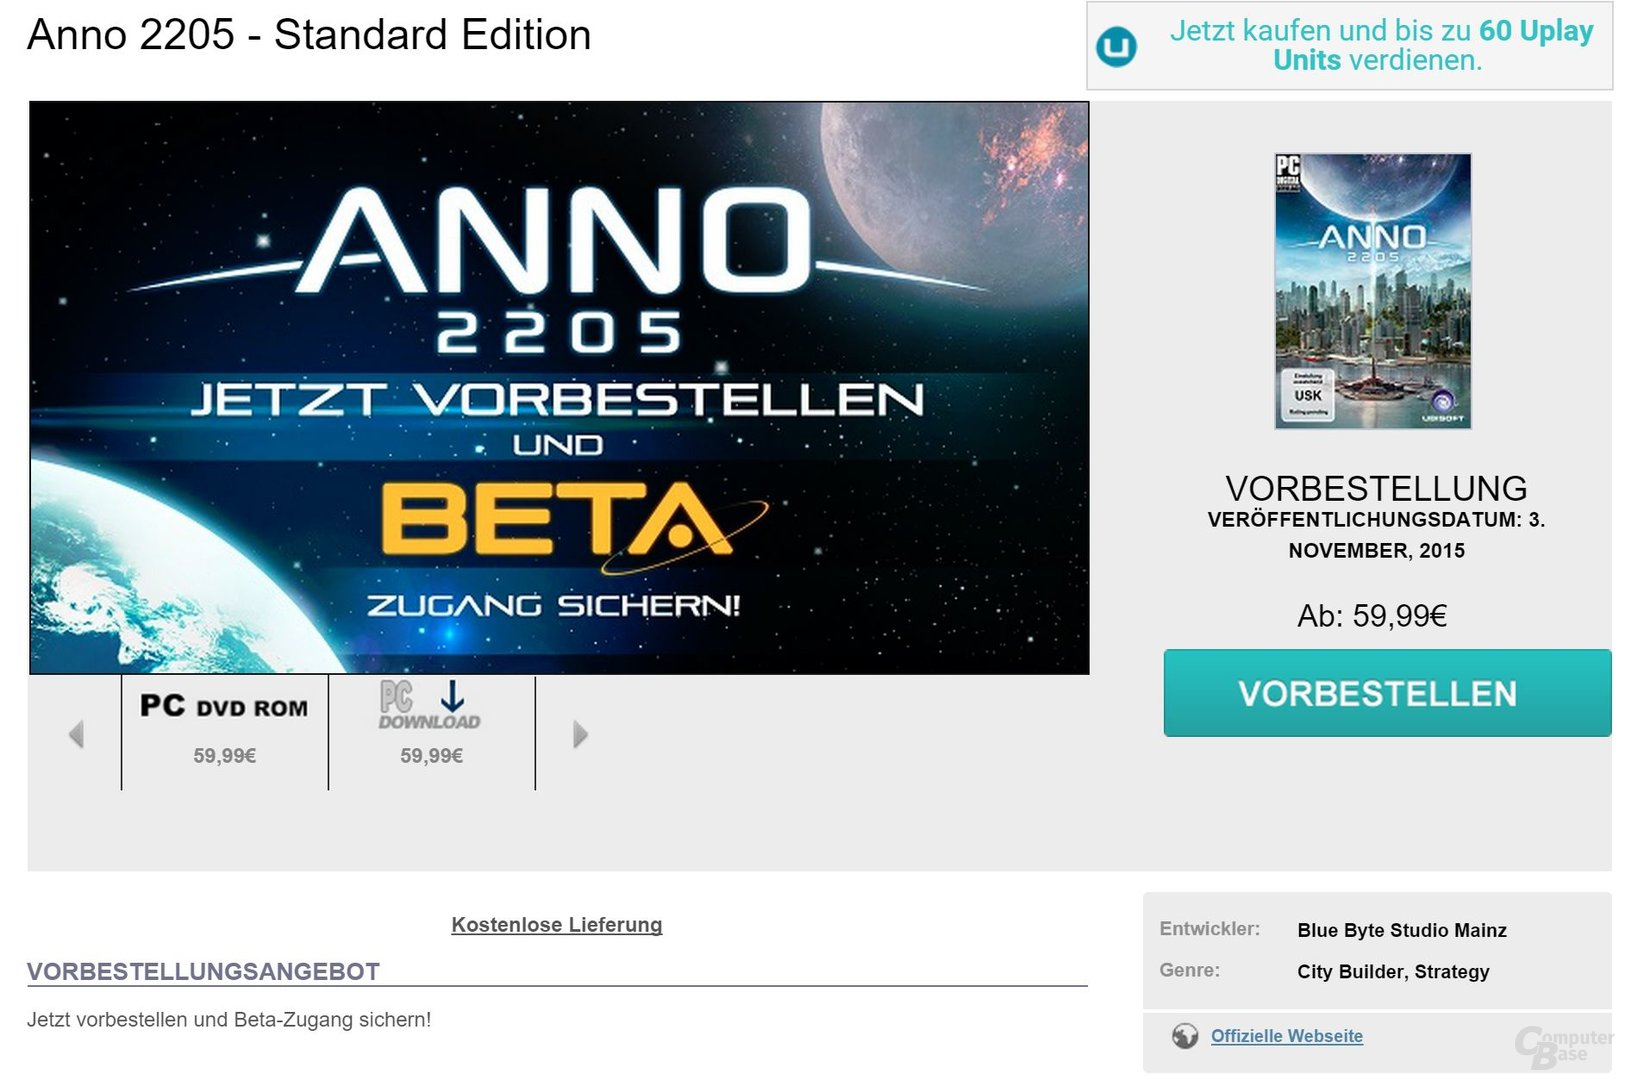 Im Shop wirbt Ubisoft noch immer mit der Beta